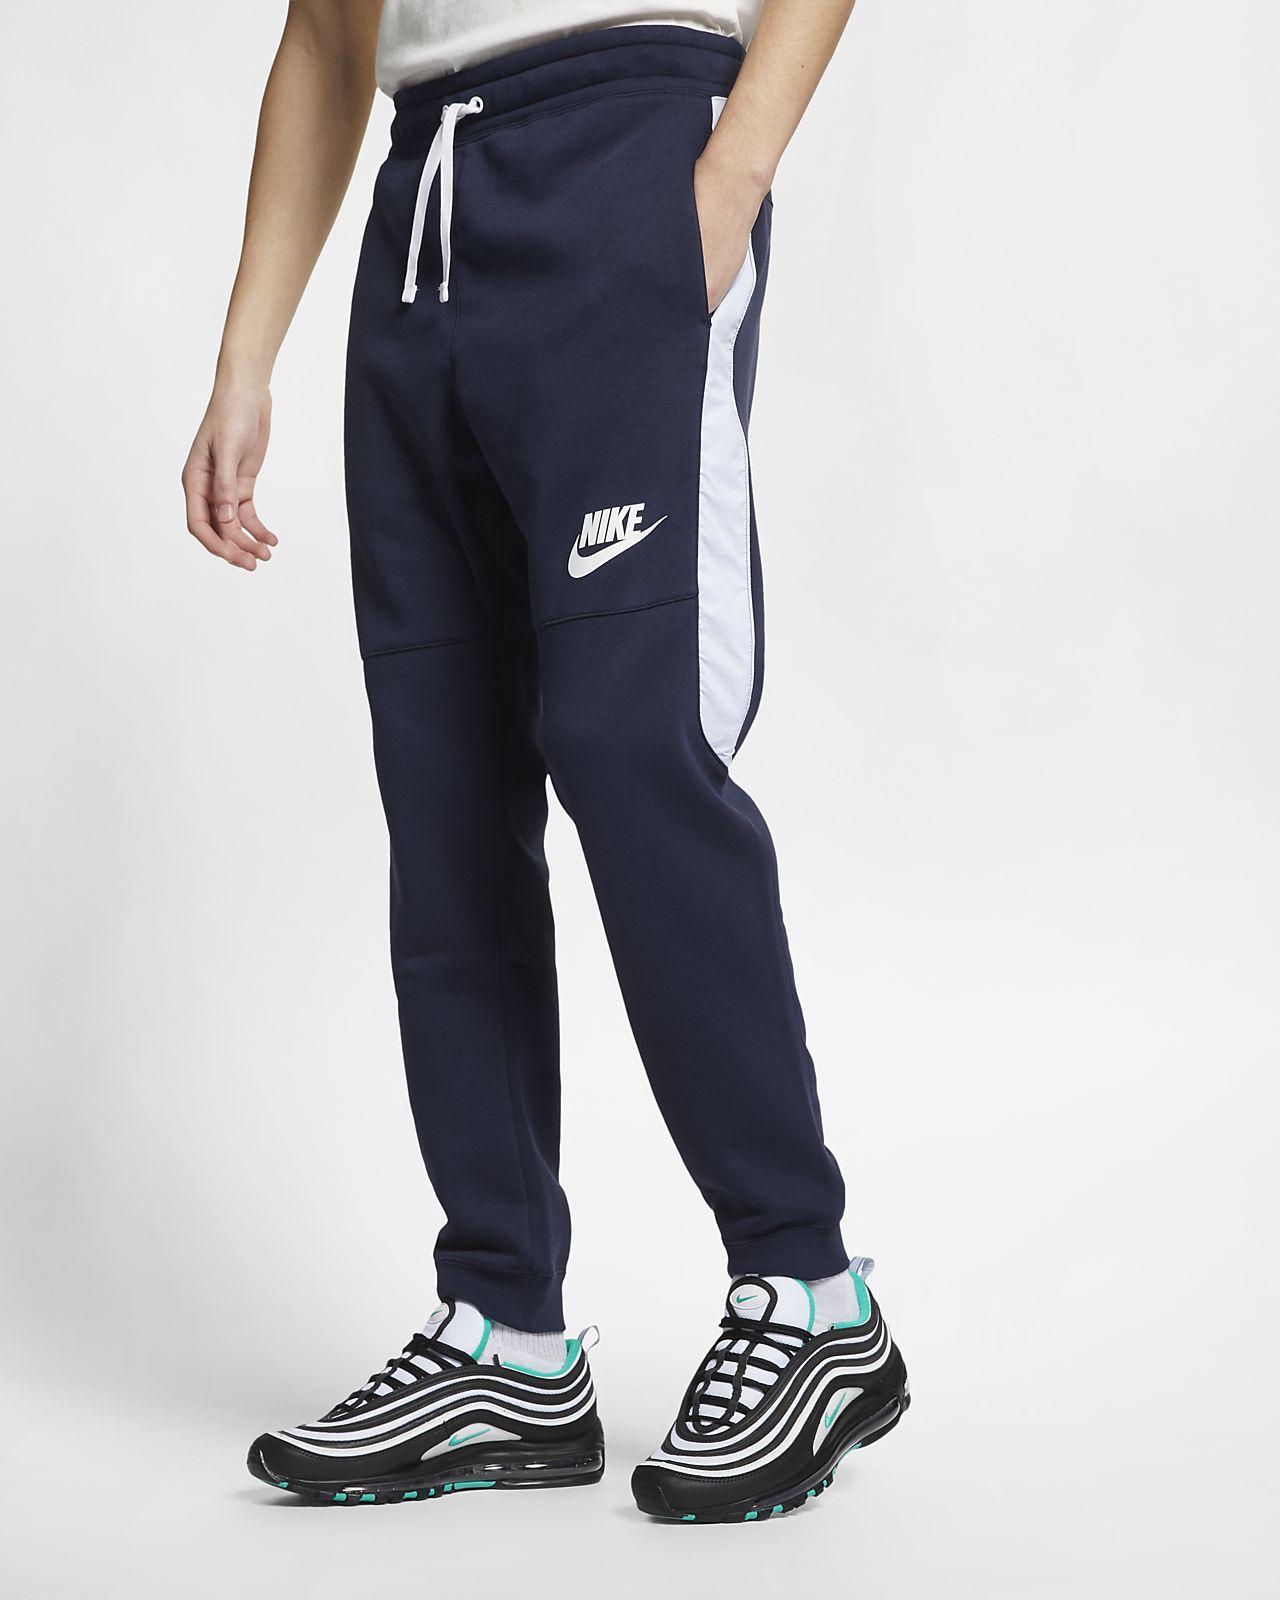 Sportswear Homme Pour De Jogging Pantalon Nike rBdeWCxo